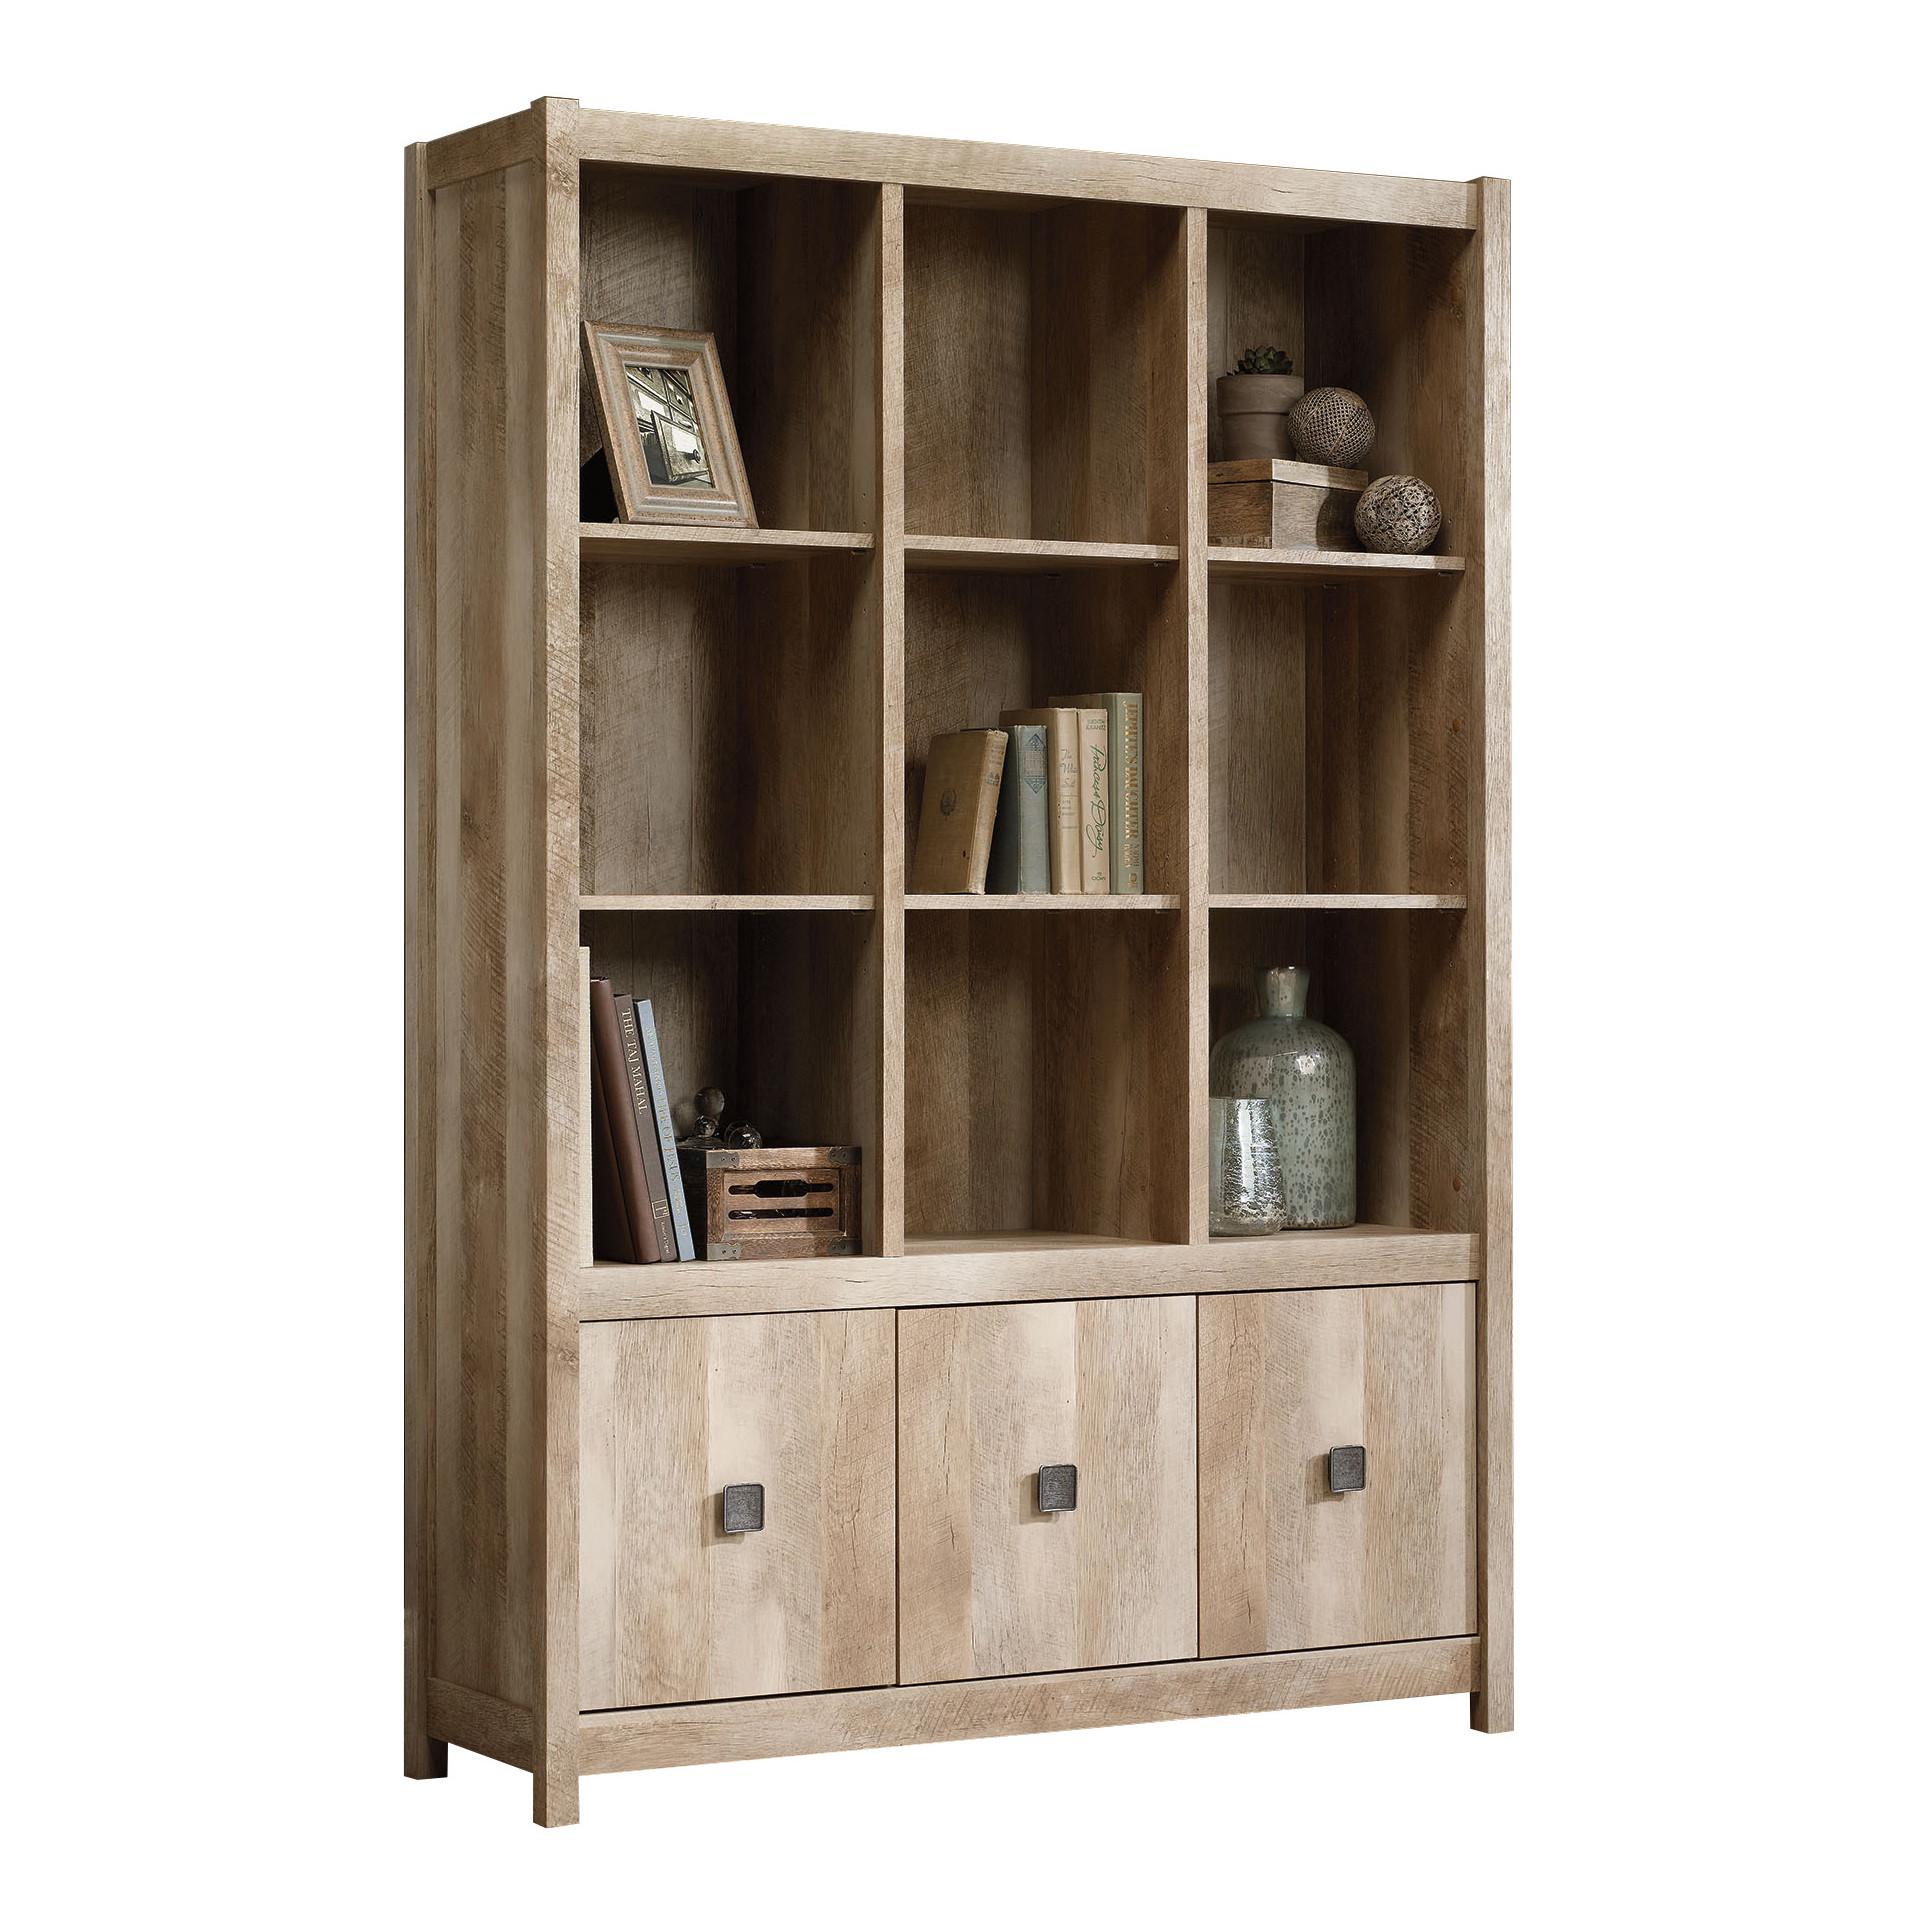 furniture rug creative kmart bookshelves for book organizer kmart bookshelves kmart baby clothes kmart bed frames